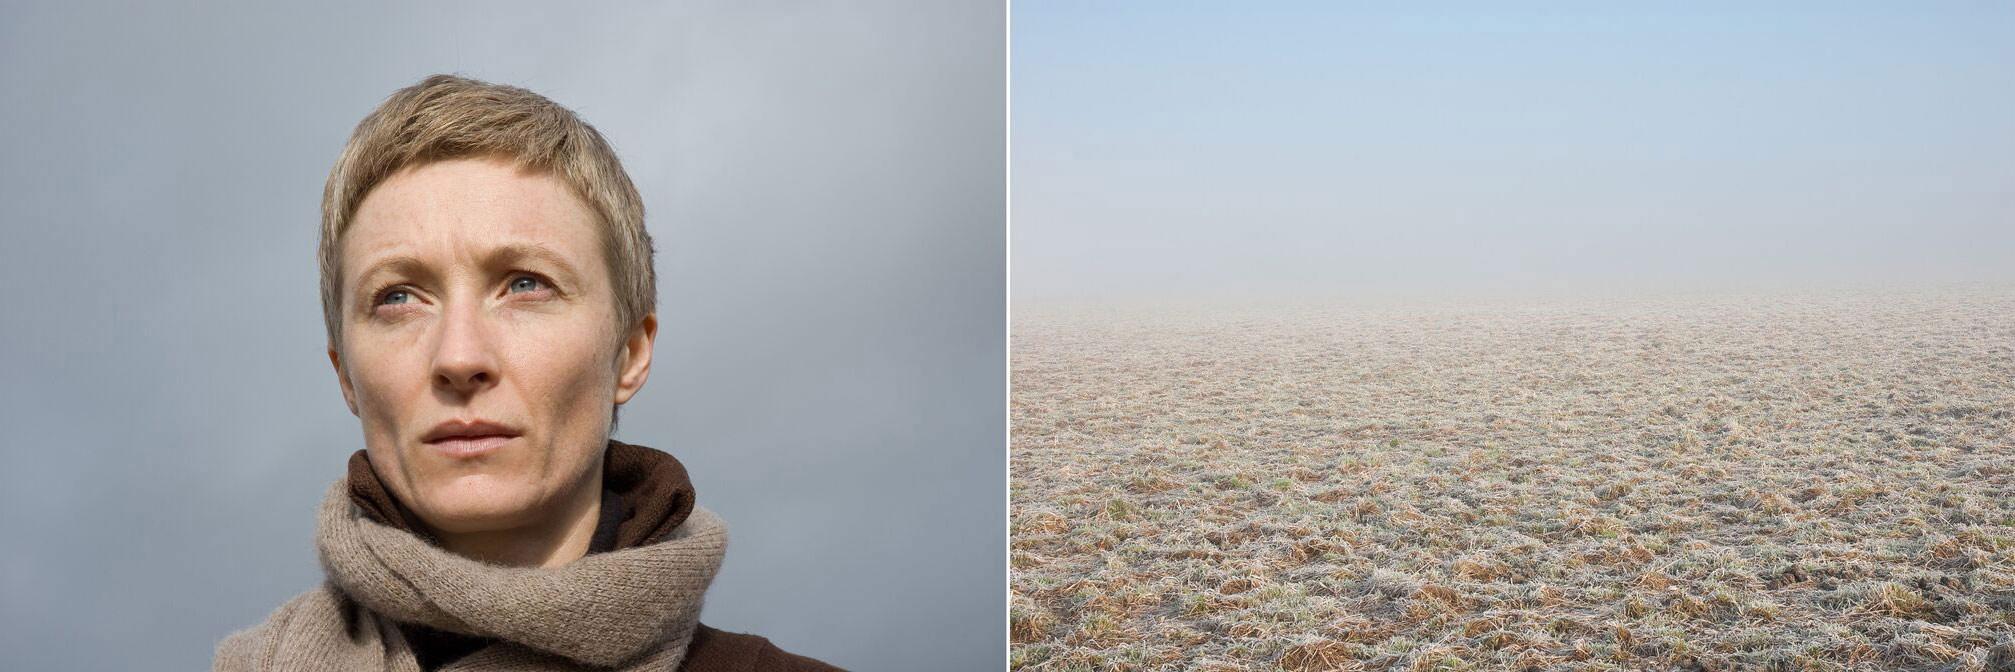 Интимная необъятность, © Мод Эврард, Фотоконкурс «Фотография и литература» – Wort im Bild